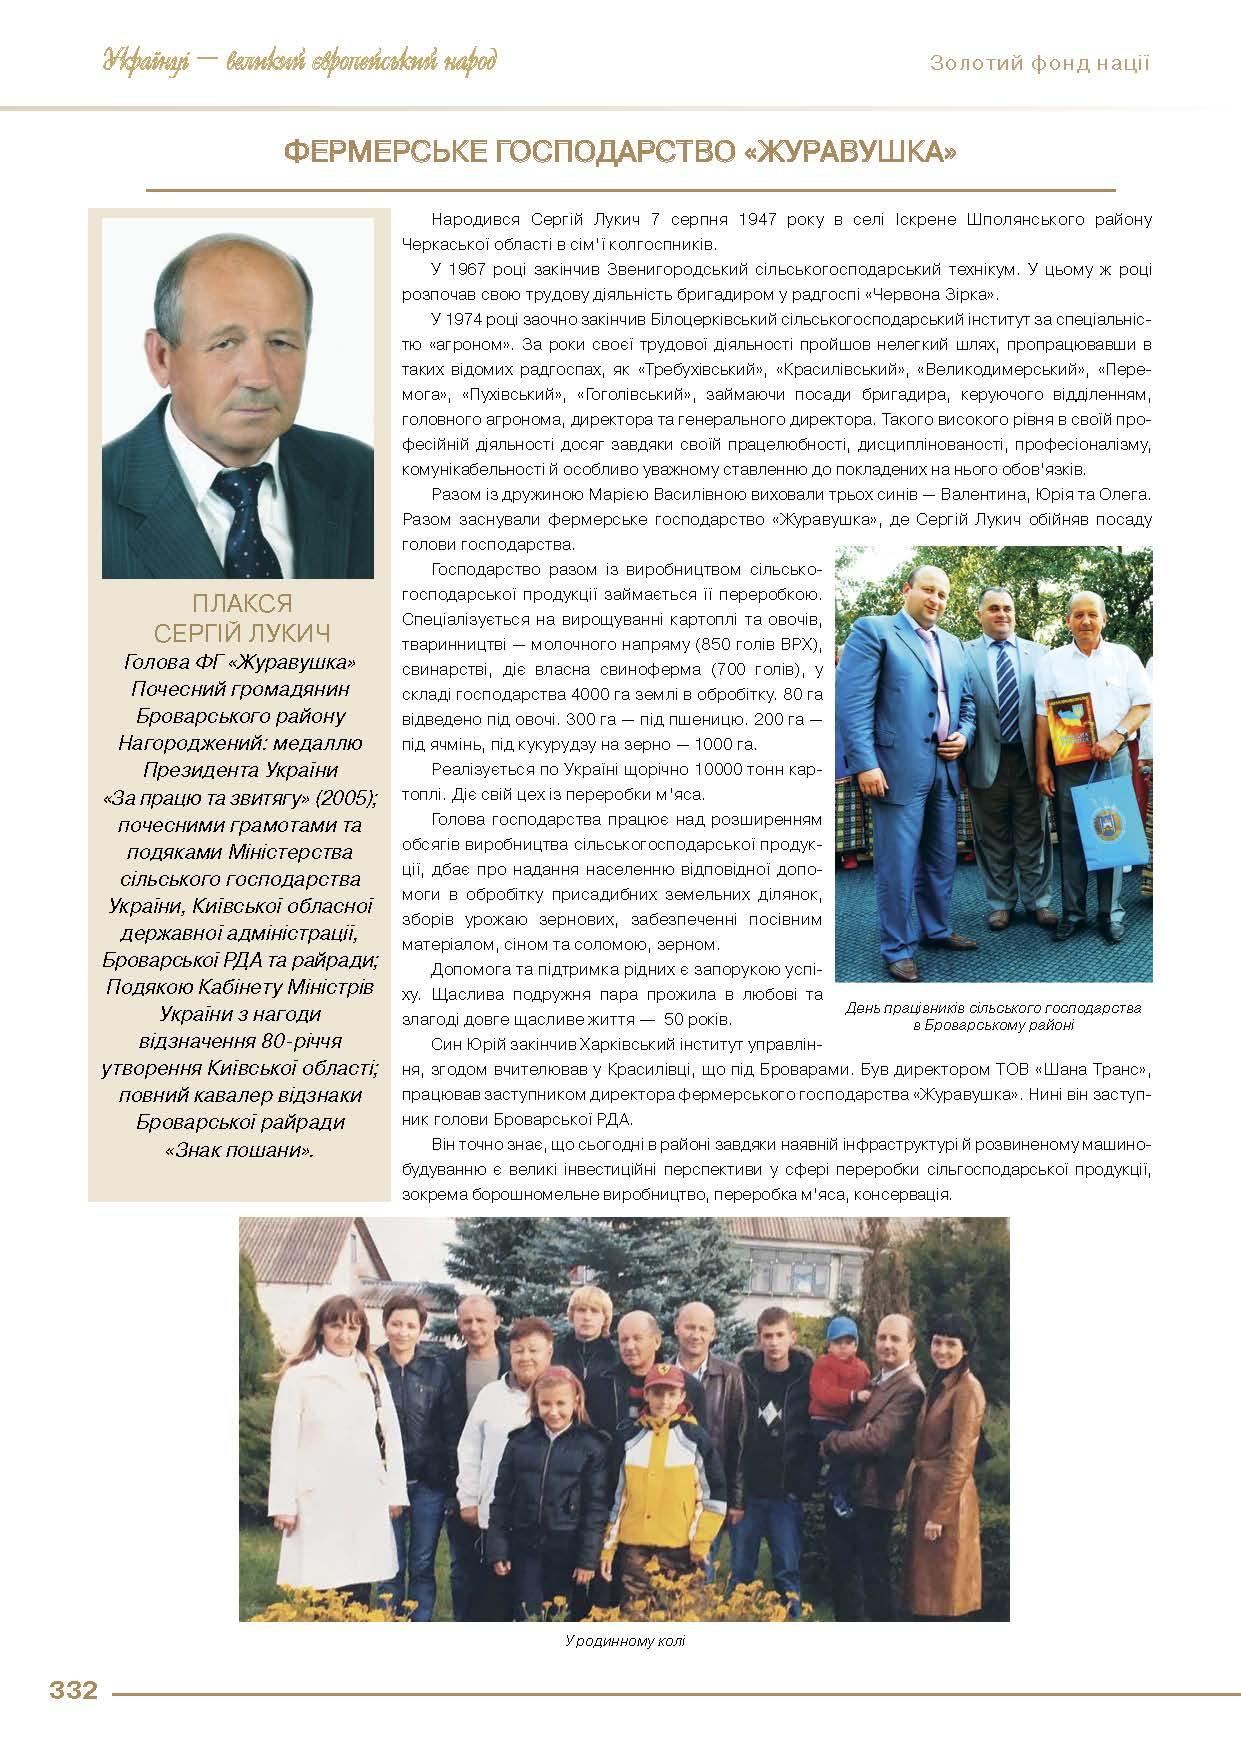 Фермерське господарство «Журавушка» - Плакся Сергій Лукич